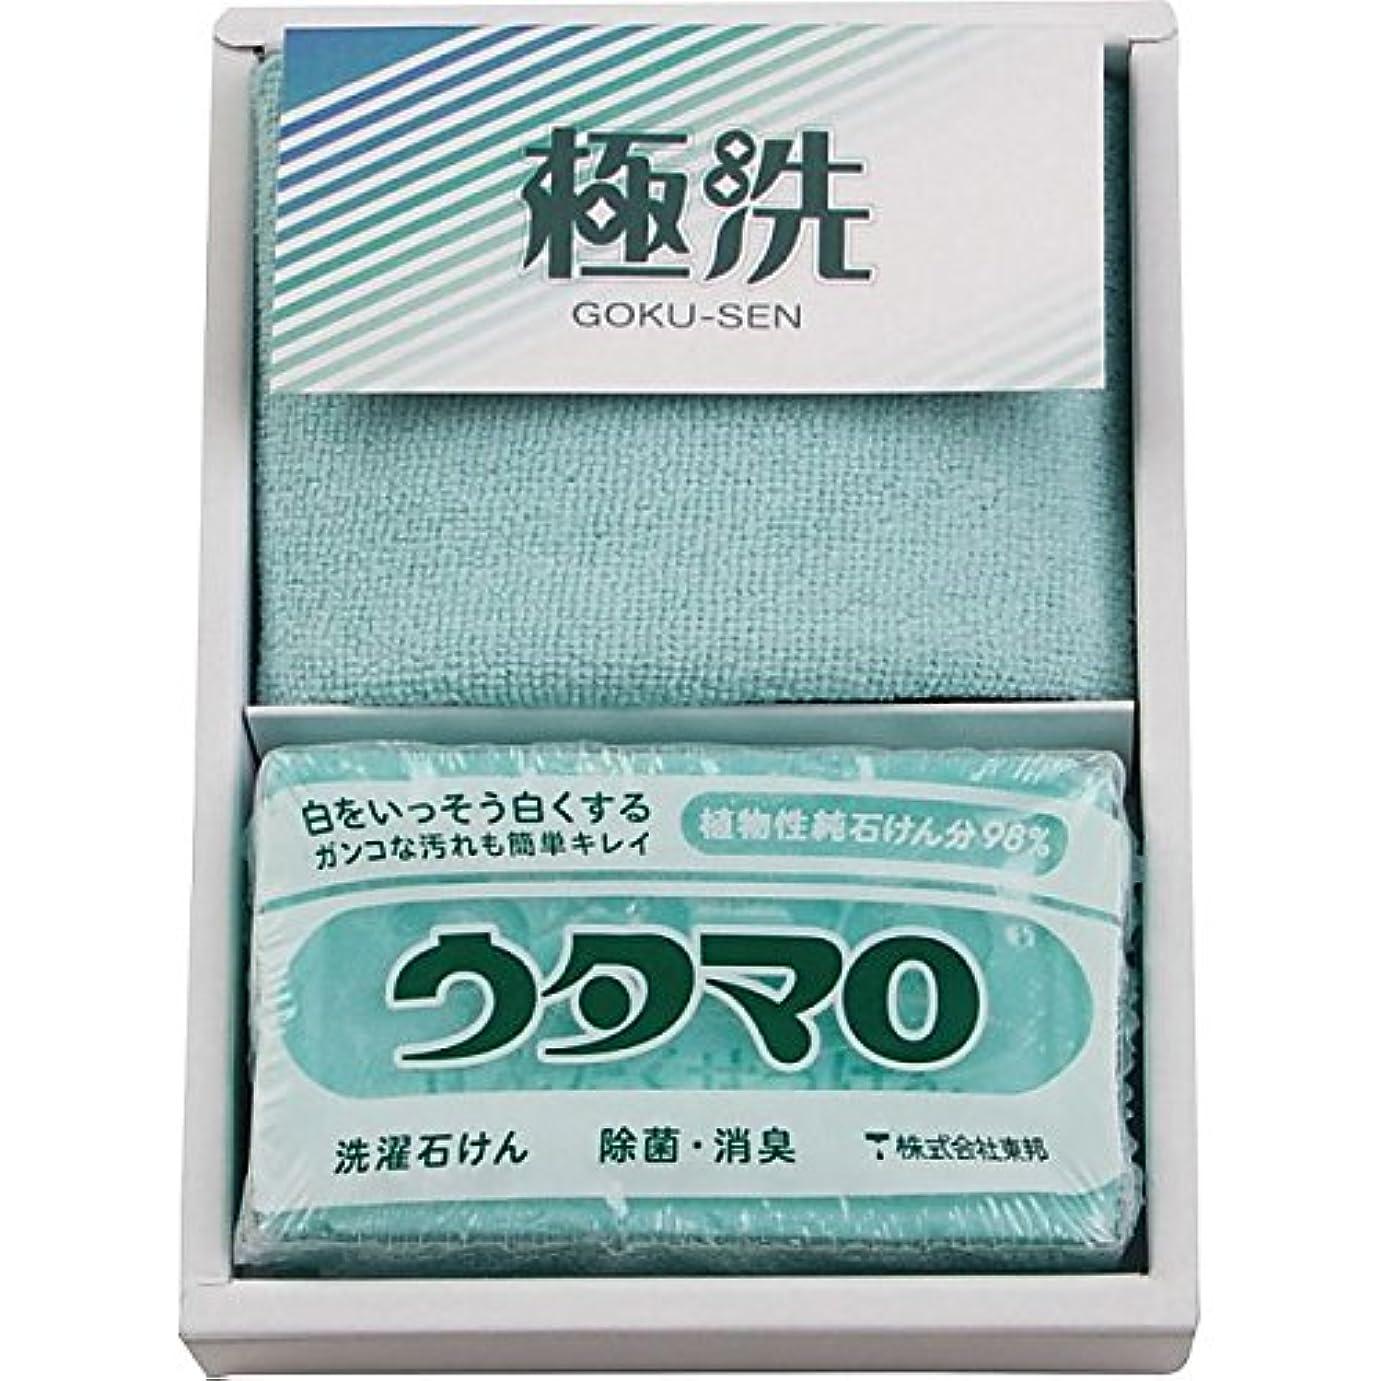 ラウズ義務付けられた不良( ウタマロ ) 石鹸セット ( 835-1053r )